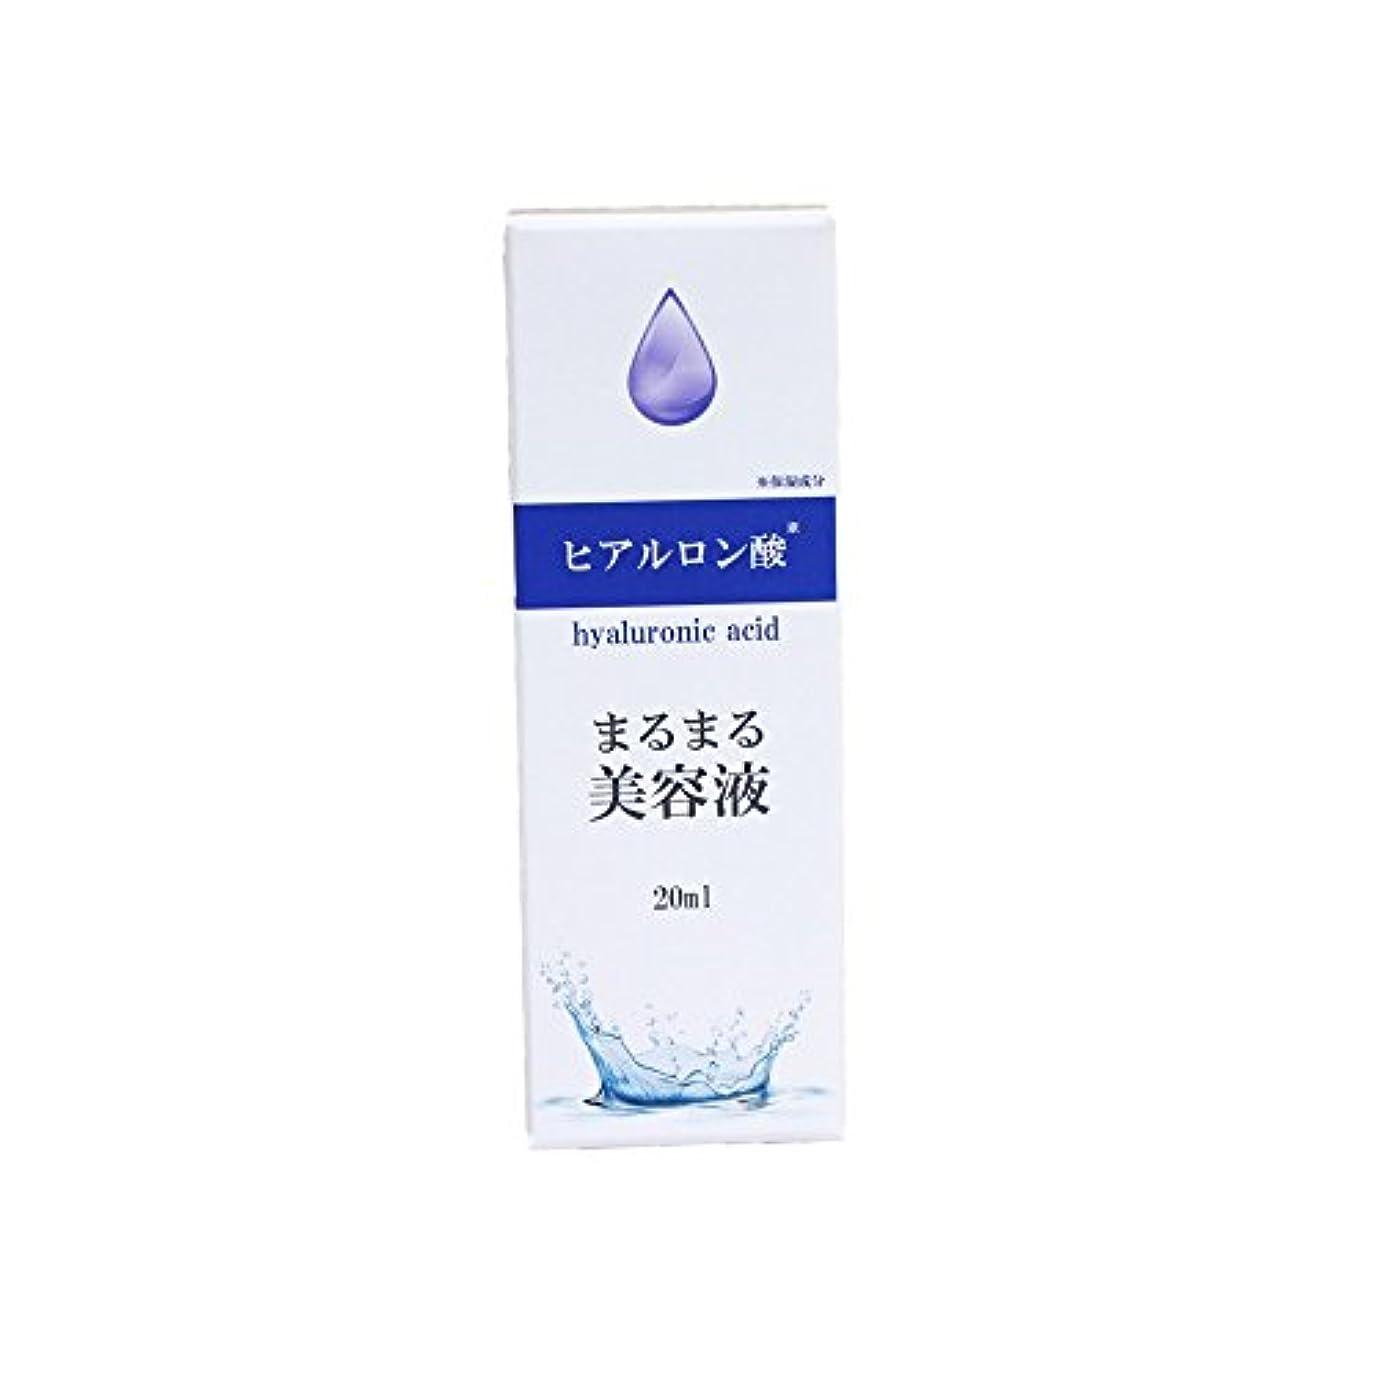 バース累積に対してまるまる美容液 ヒアルロン酸